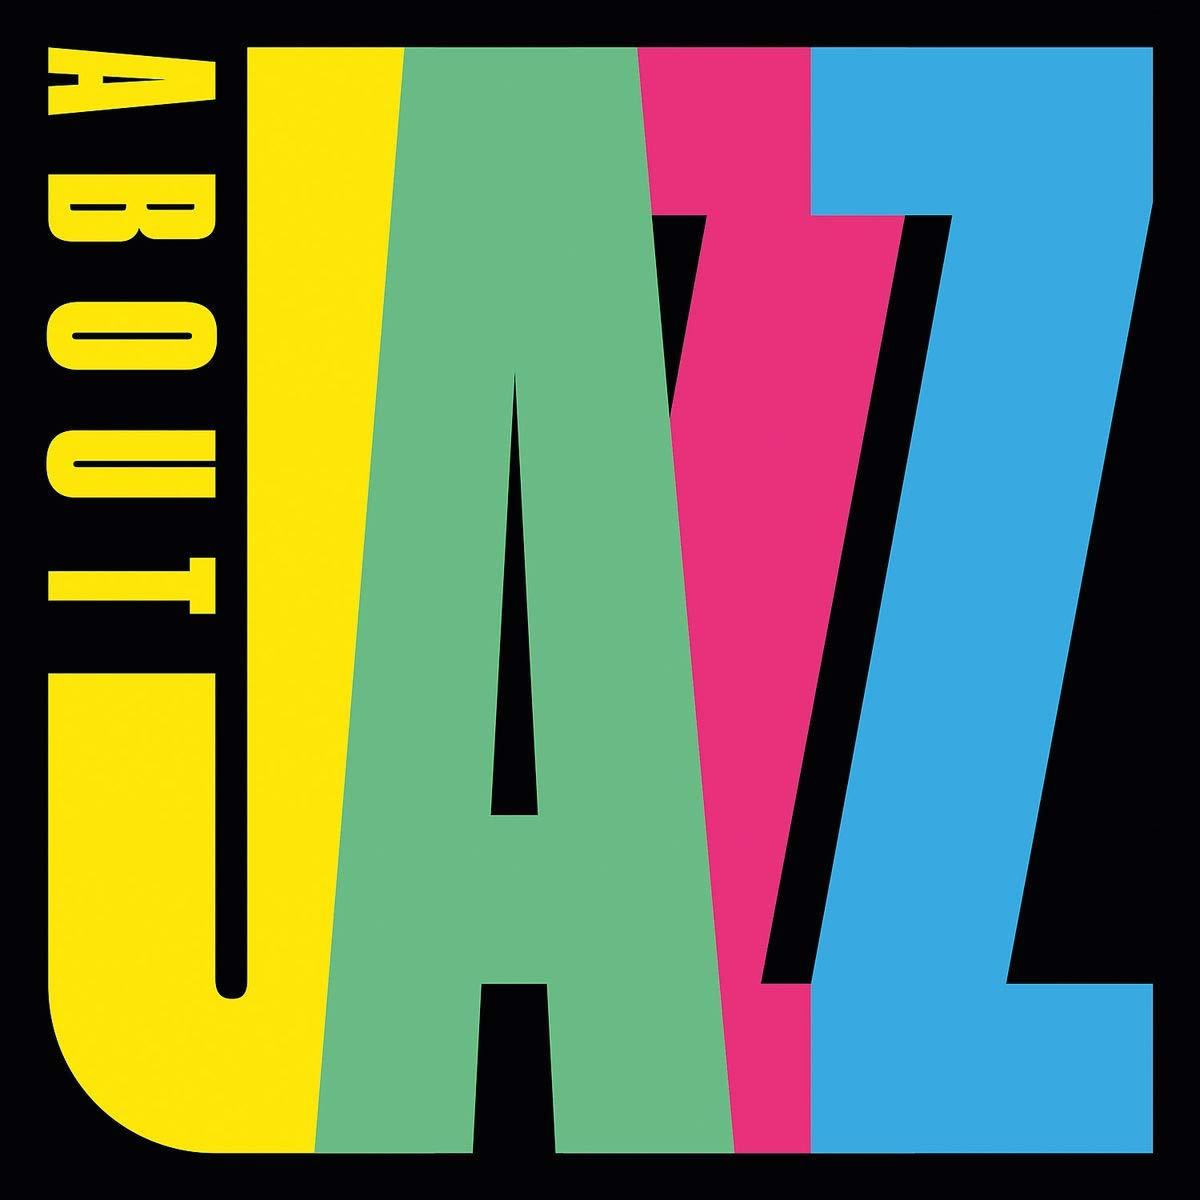 Various Artists - AboutJazz [Vinyl | 4 LPs] für 14,68€ inkl. Versand (11,69€ bei Abholung) [Saturn / Amazon]